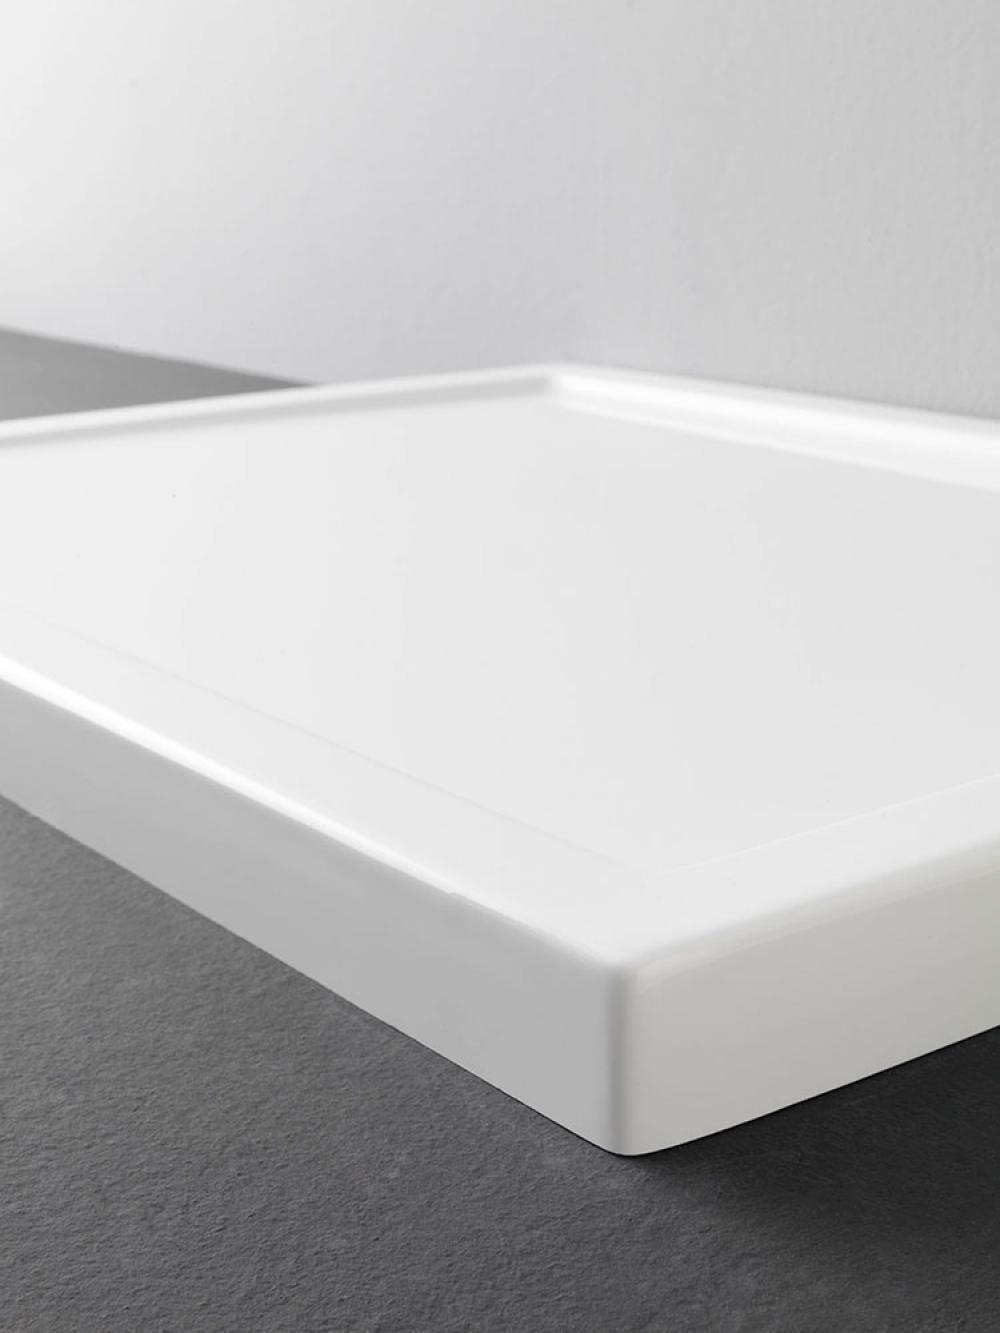 cinco receveur de douche en acrylique renforc receveurs de douche et panneaux de rev tement. Black Bedroom Furniture Sets. Home Design Ideas